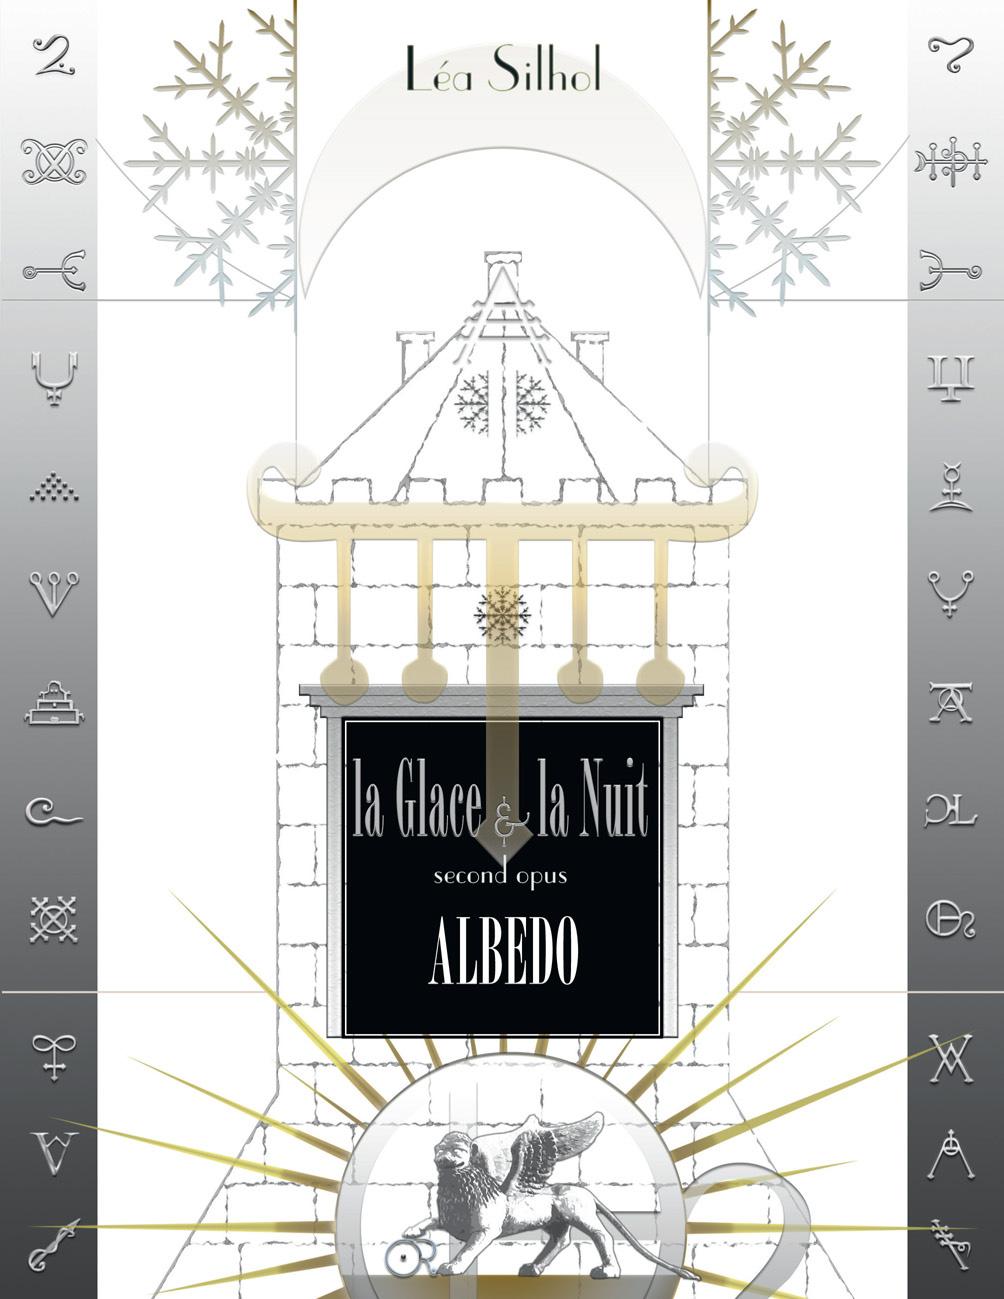 Léa Silhol - La Glace et la Nuit II : Albedo